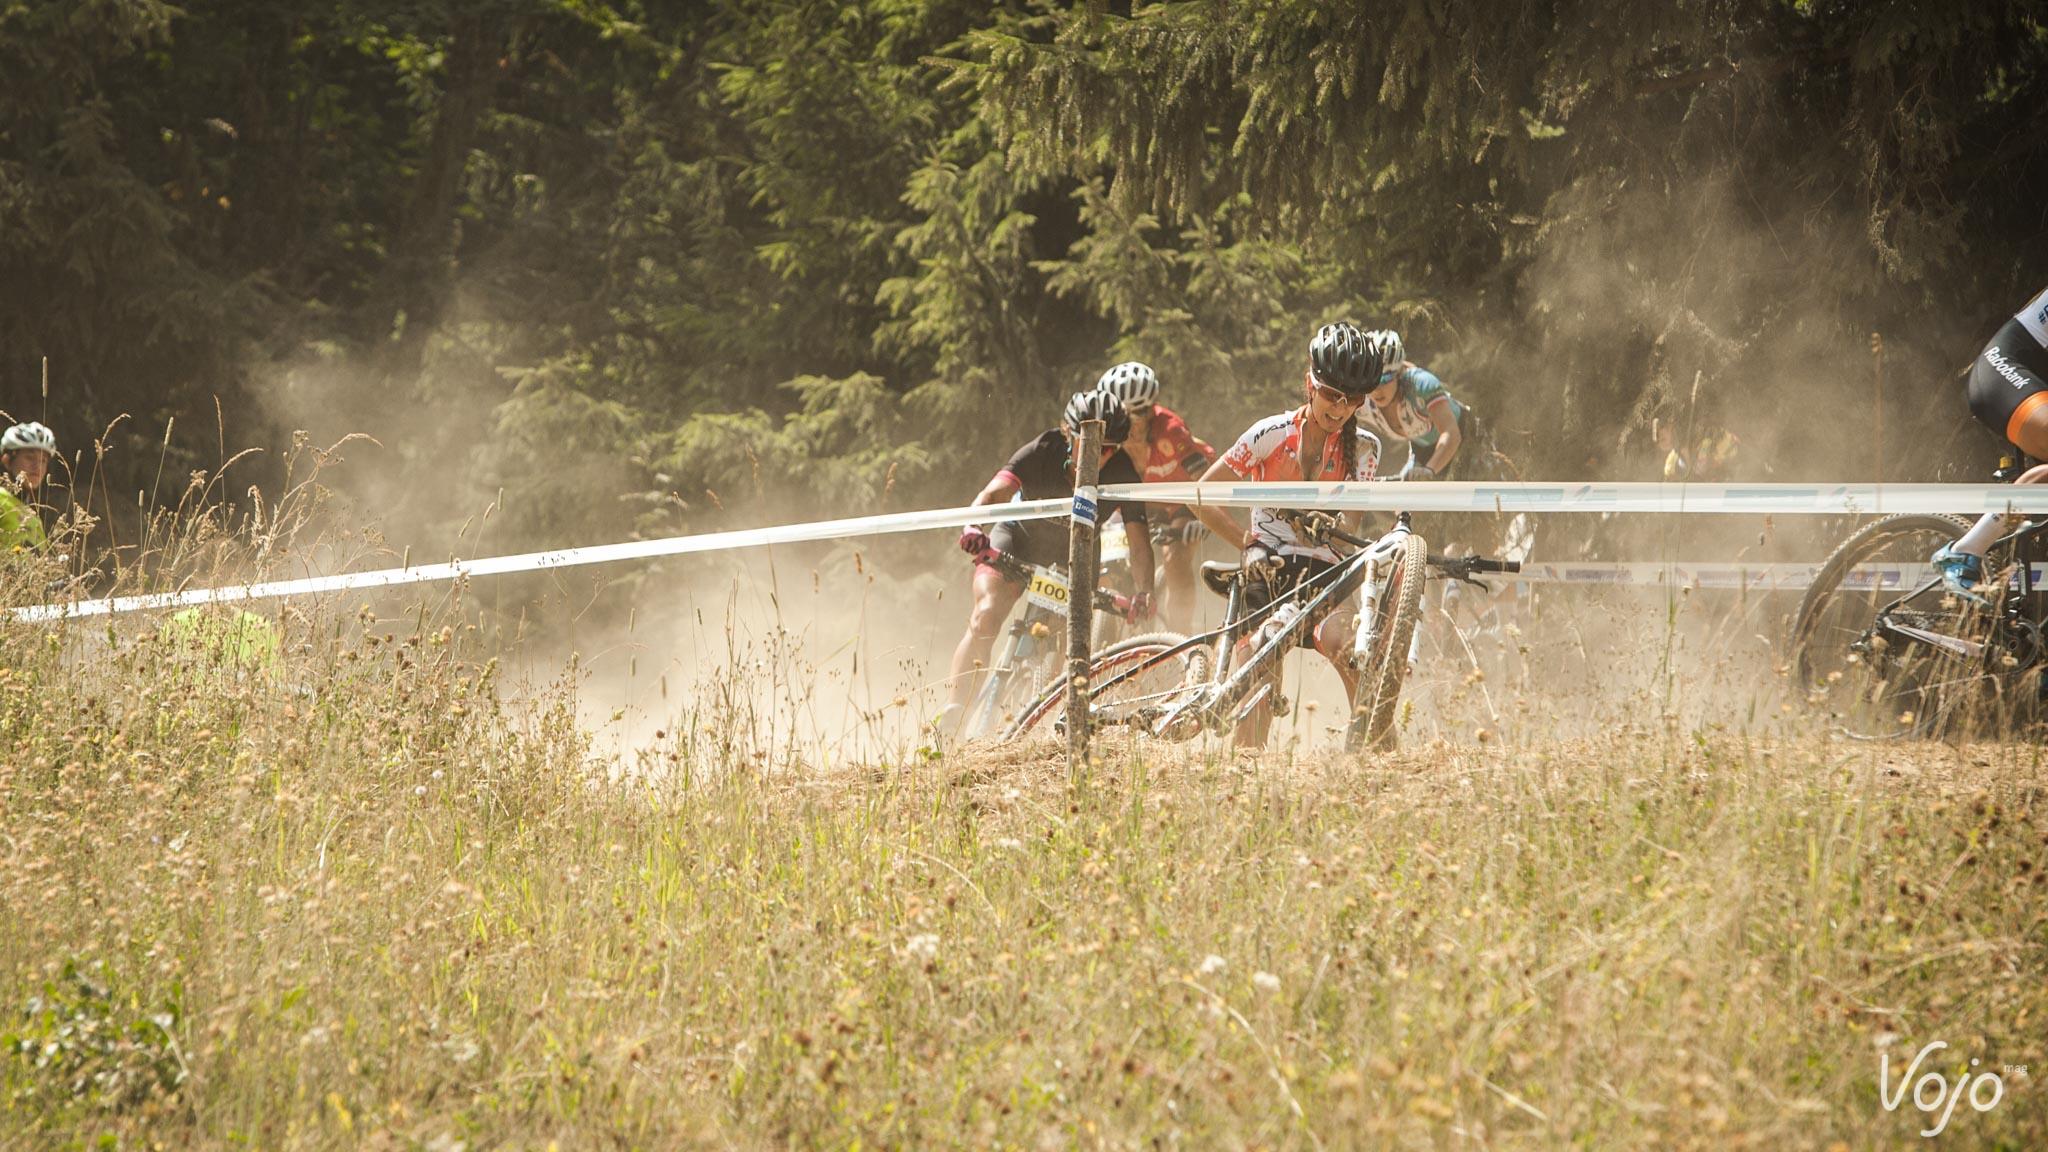 Championnats-de-france-2015-Oz-XC-Espoirs-finale-38